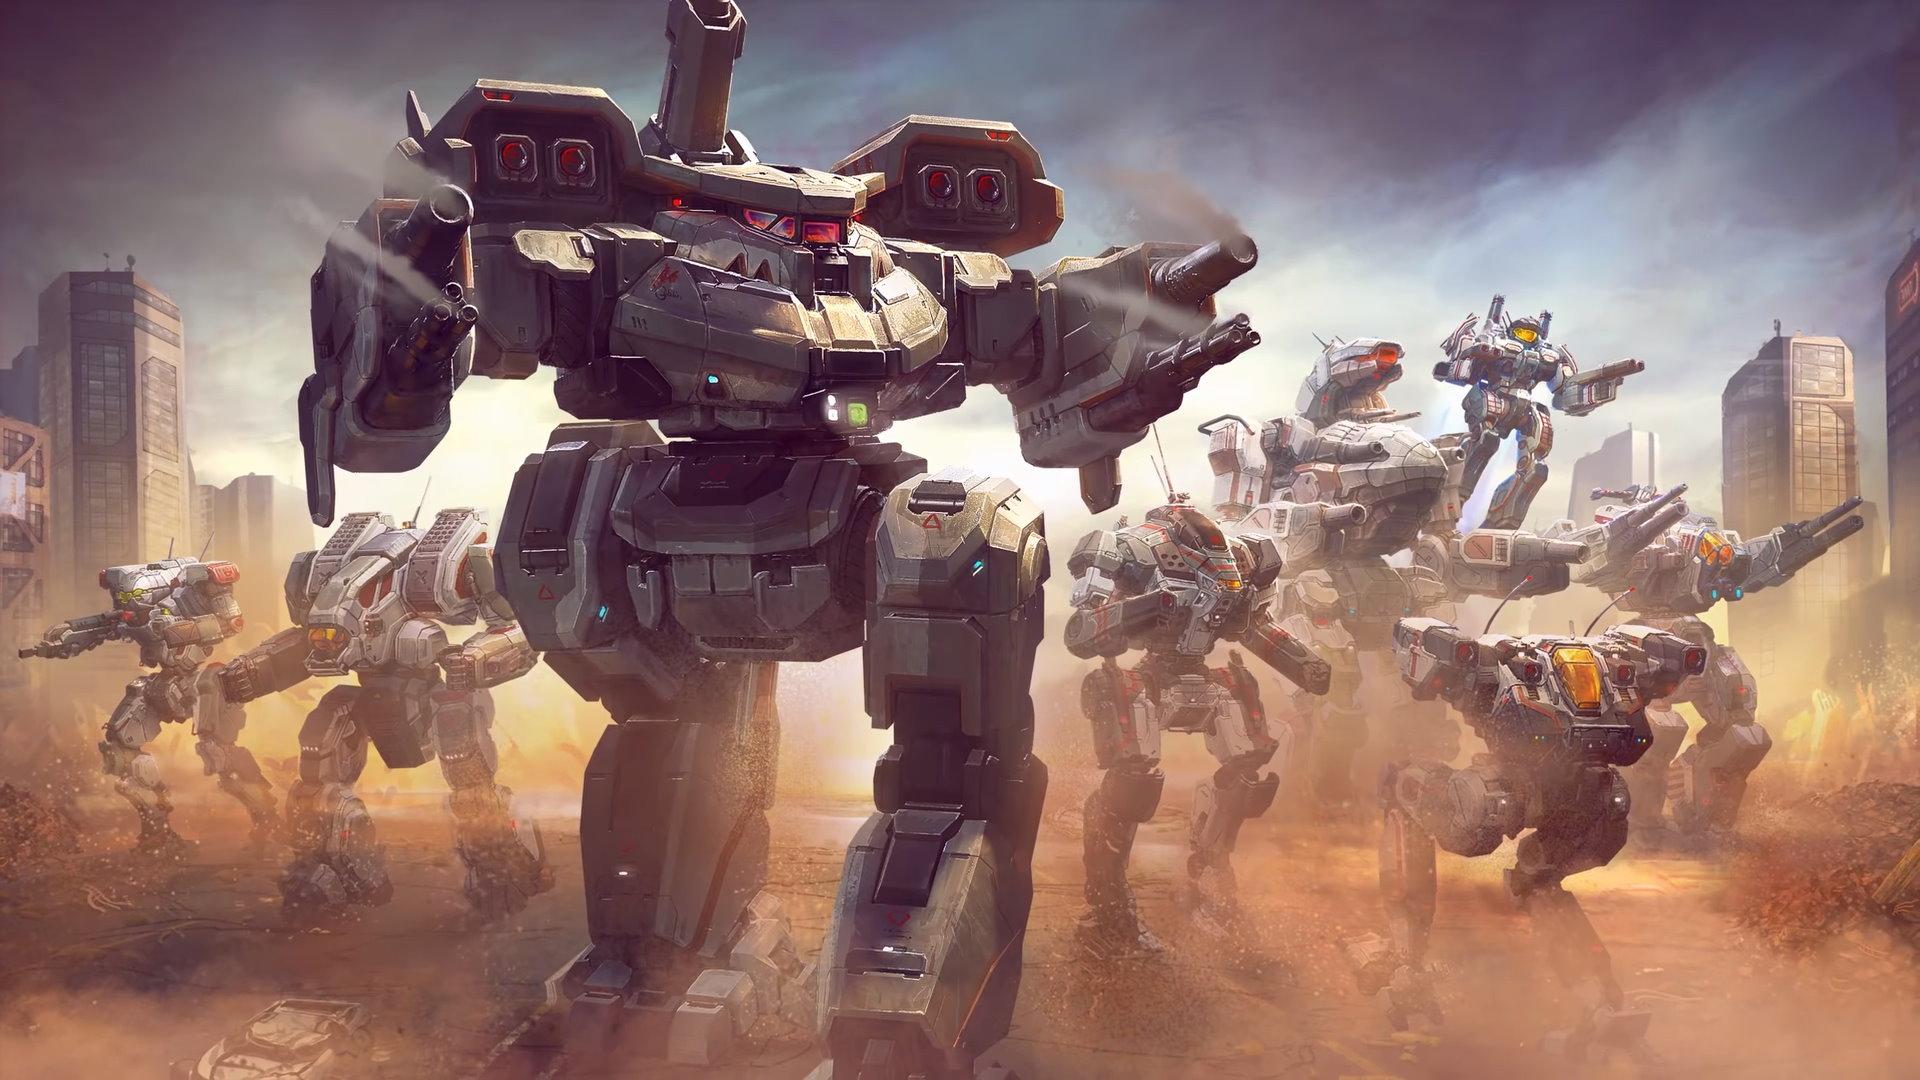 =Mechwarrior HOUSE LIAO Combat Engineers 2 Pieces 011 26 =